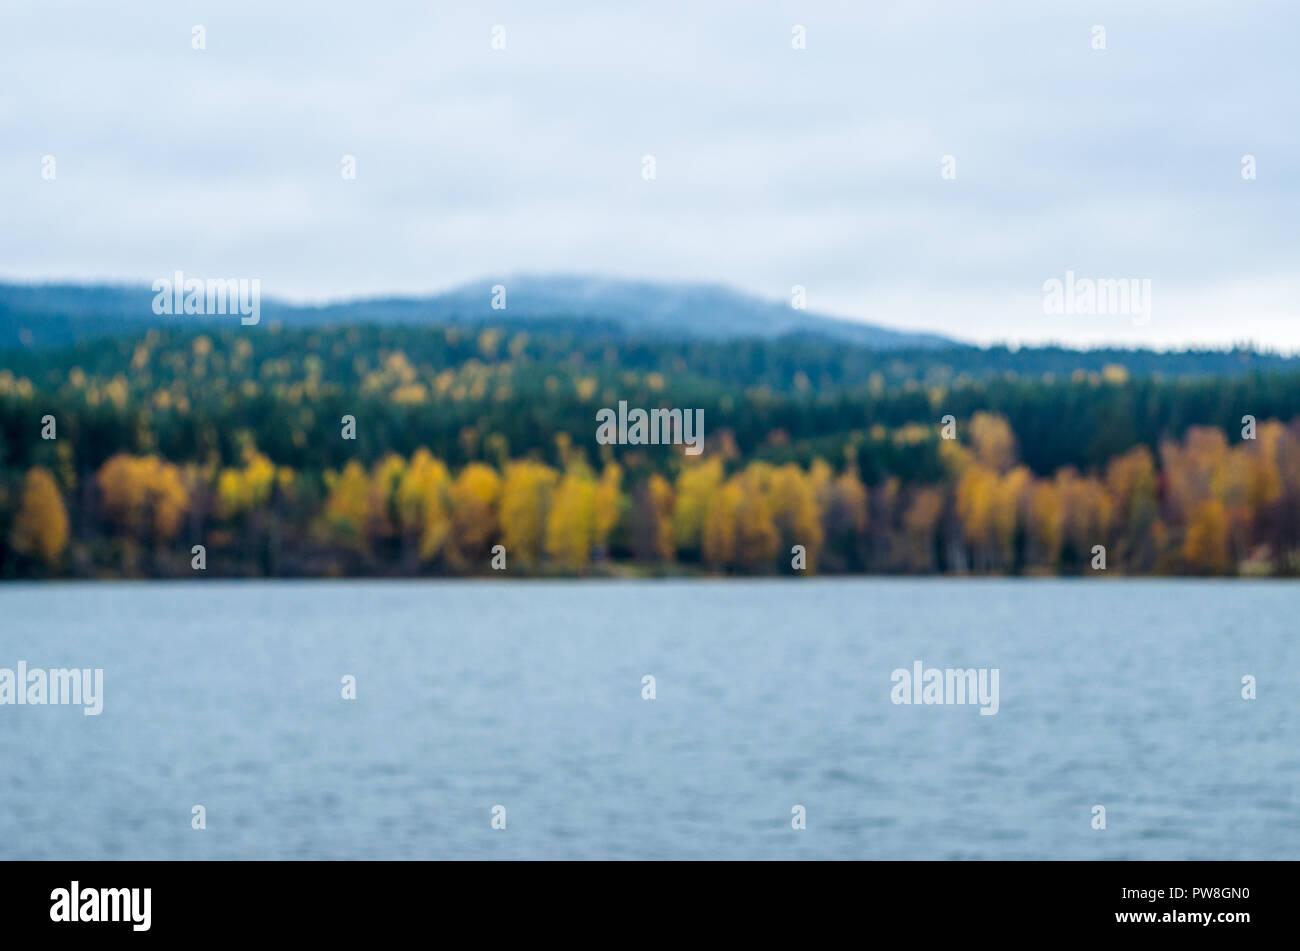 Unscharfer Hintergrund - Herbst norwegische Landschaft (borealen Wäldern mit gelben Bäume). Stockfoto